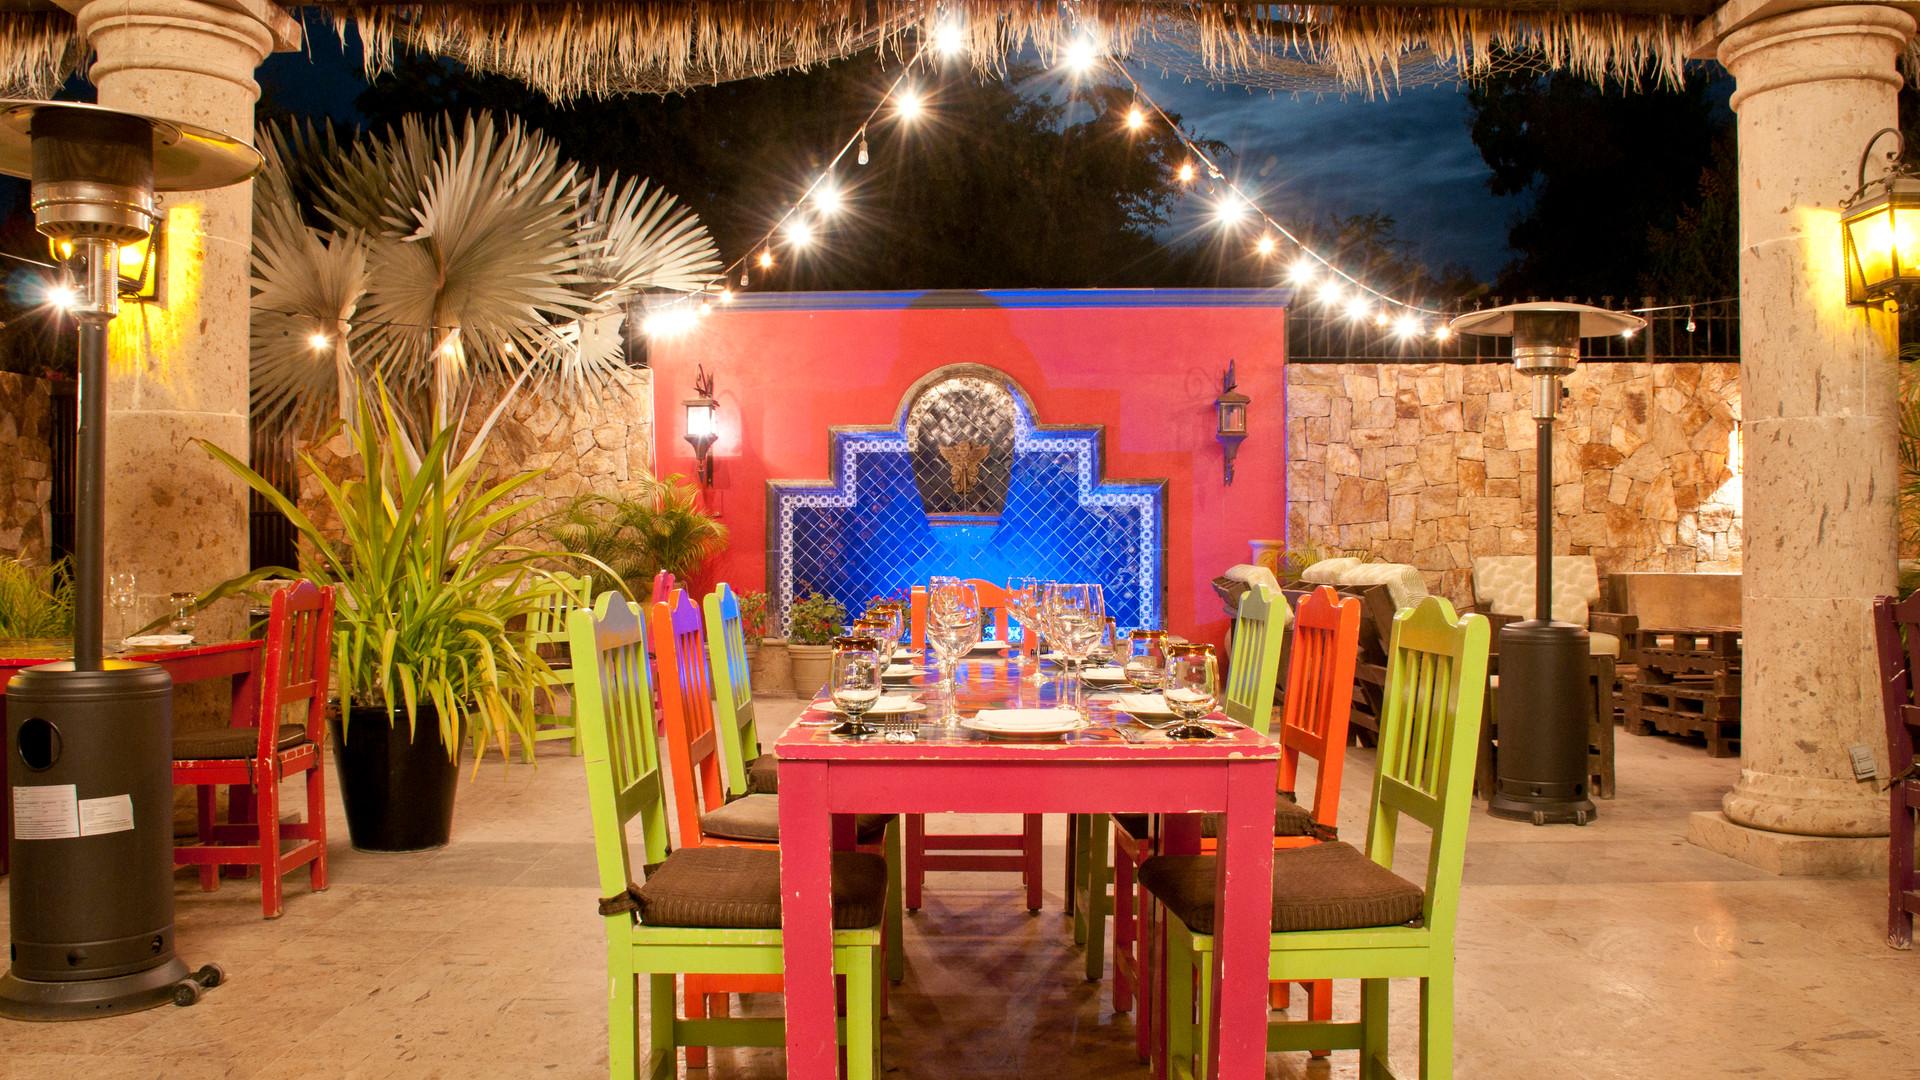 Don Sanchez Restaurant_Courtyard2.JPG